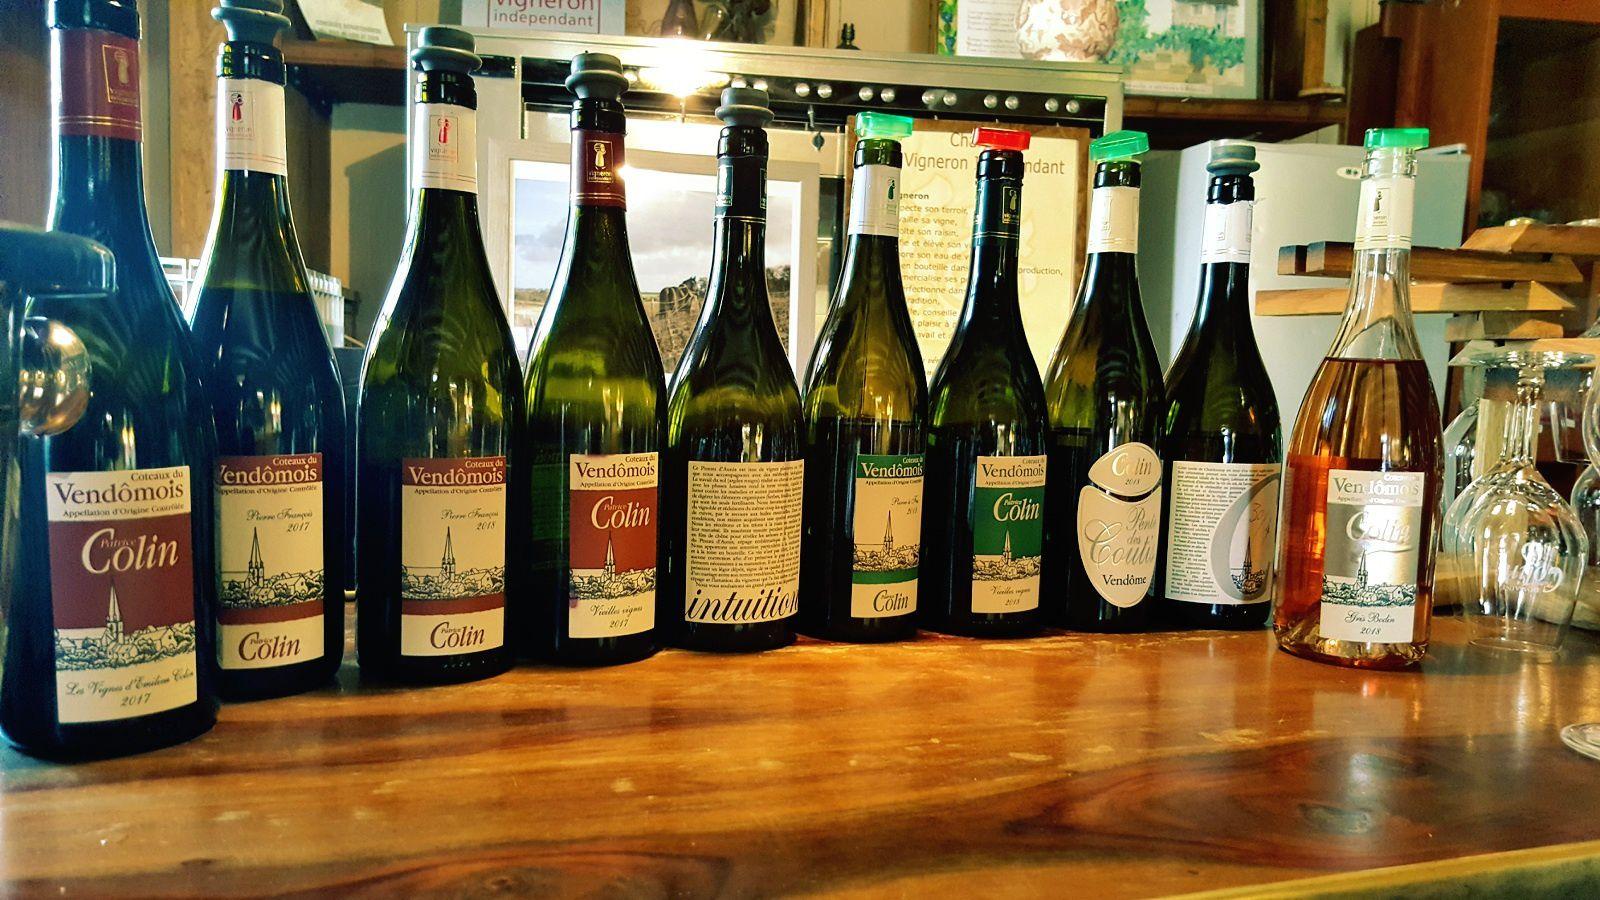 La gamme des vins de Patrice Colin est assez remarquable, d'une qualité d'ensemble de belle tenue. Tout y est bon ! Des vins blancs, aux bulles, en passant par les vins rouges. Bravo!